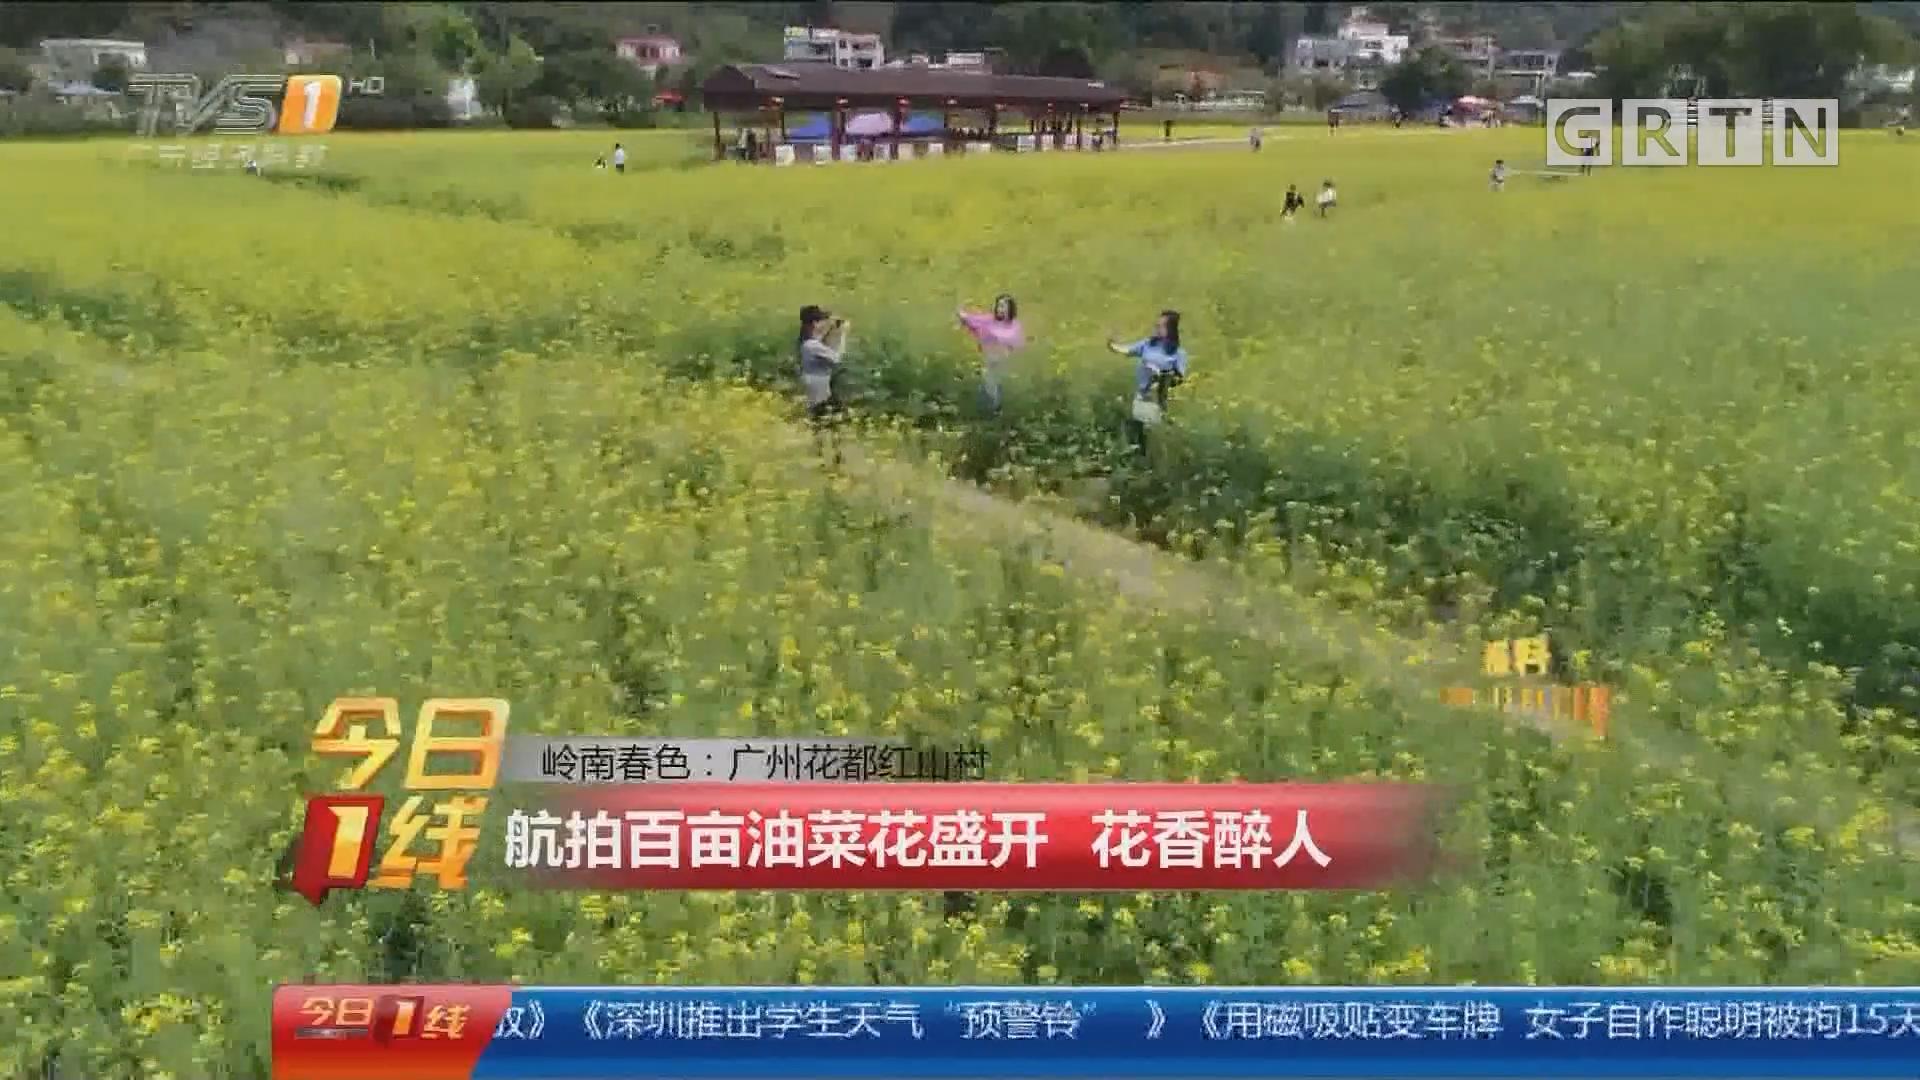 岭南春色:广州花都红山村 航拍百亩油菜花盛开 花香醉人